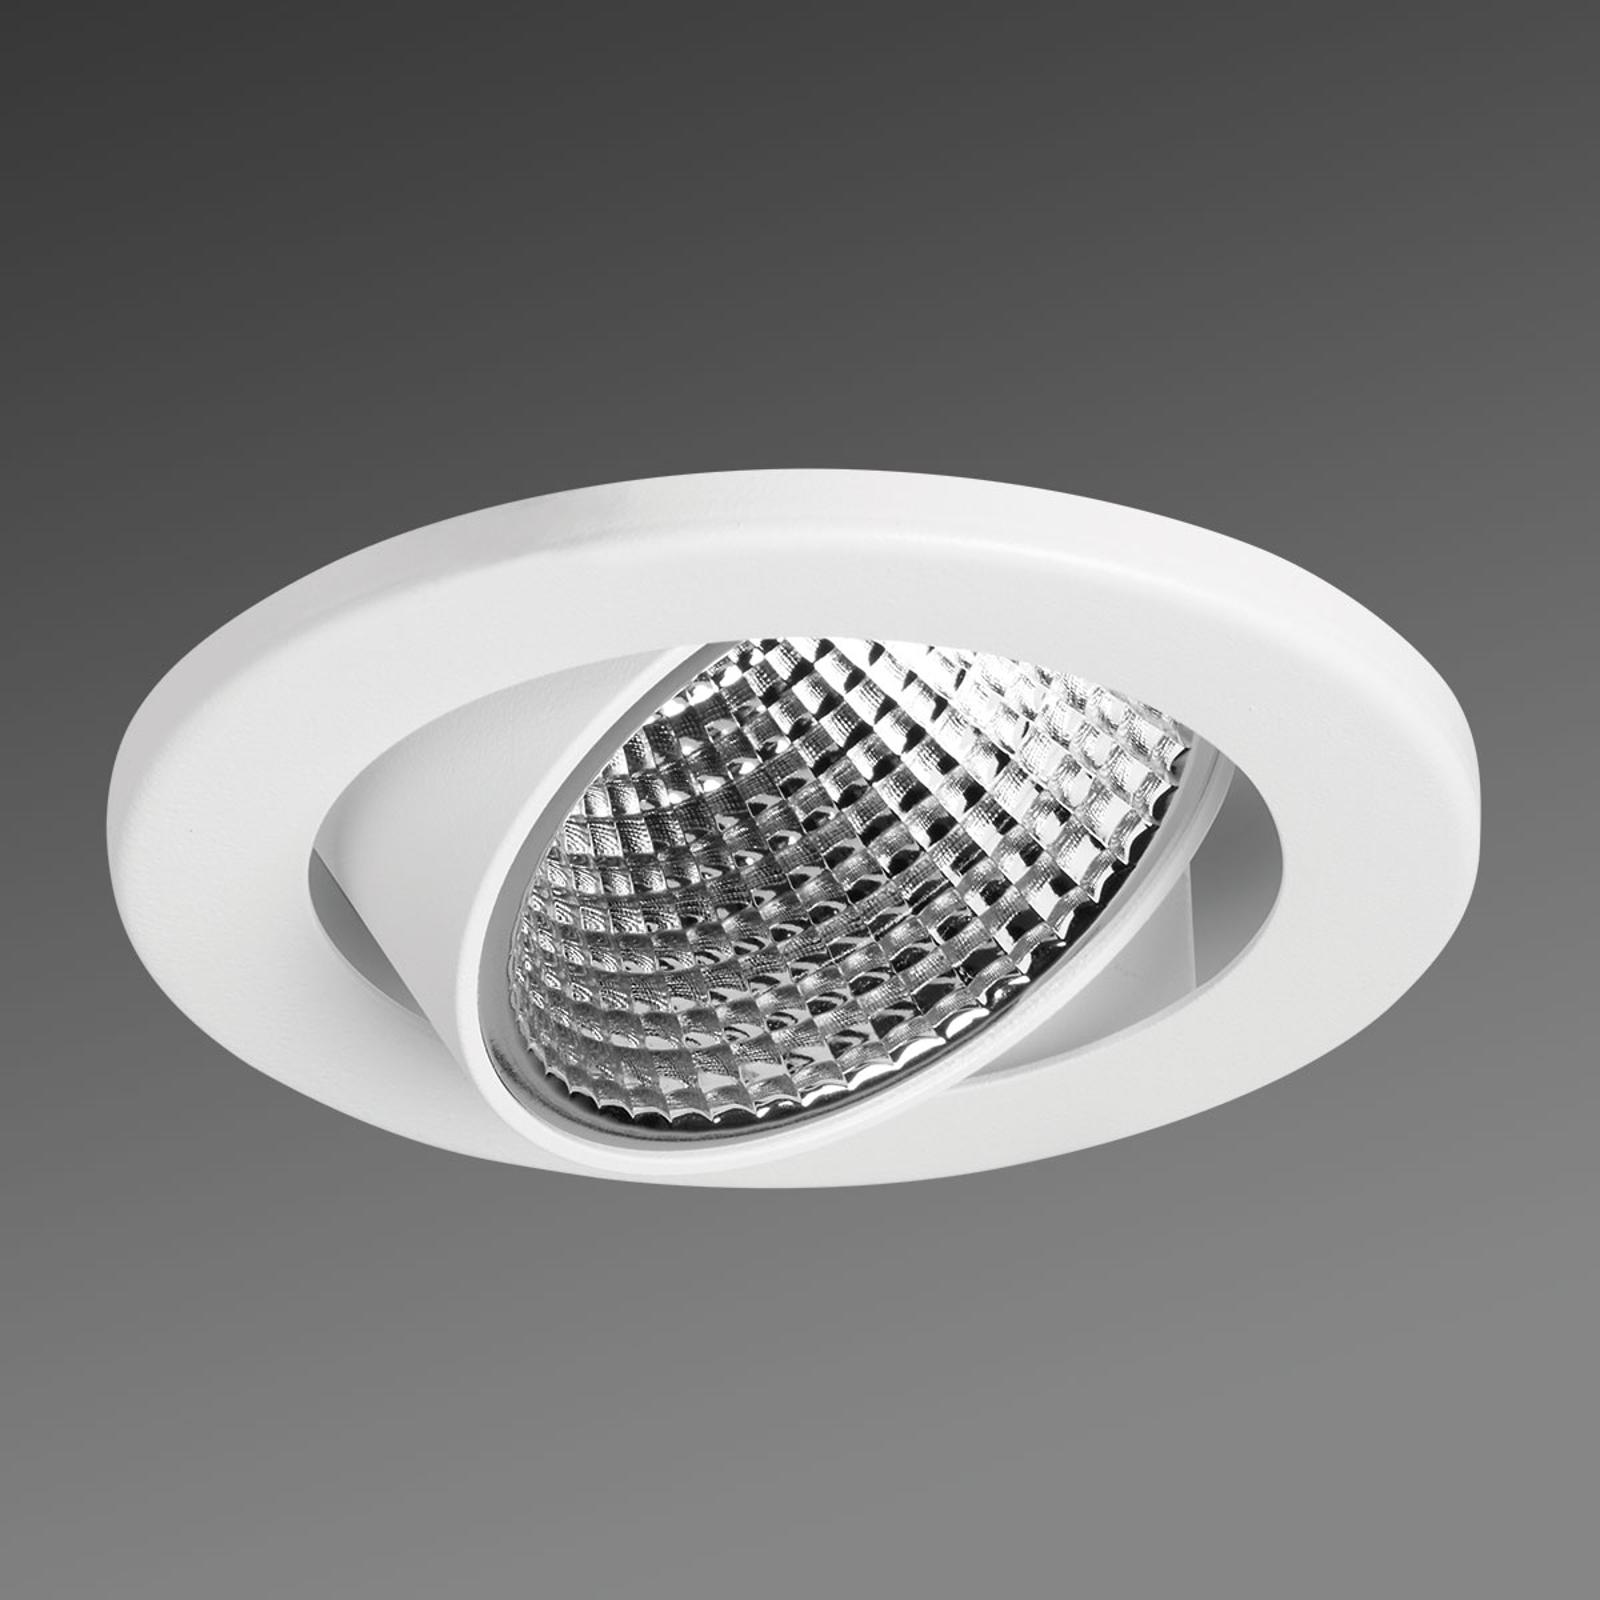 Spot encastré LED Zipar Adjustable 12W 4000K